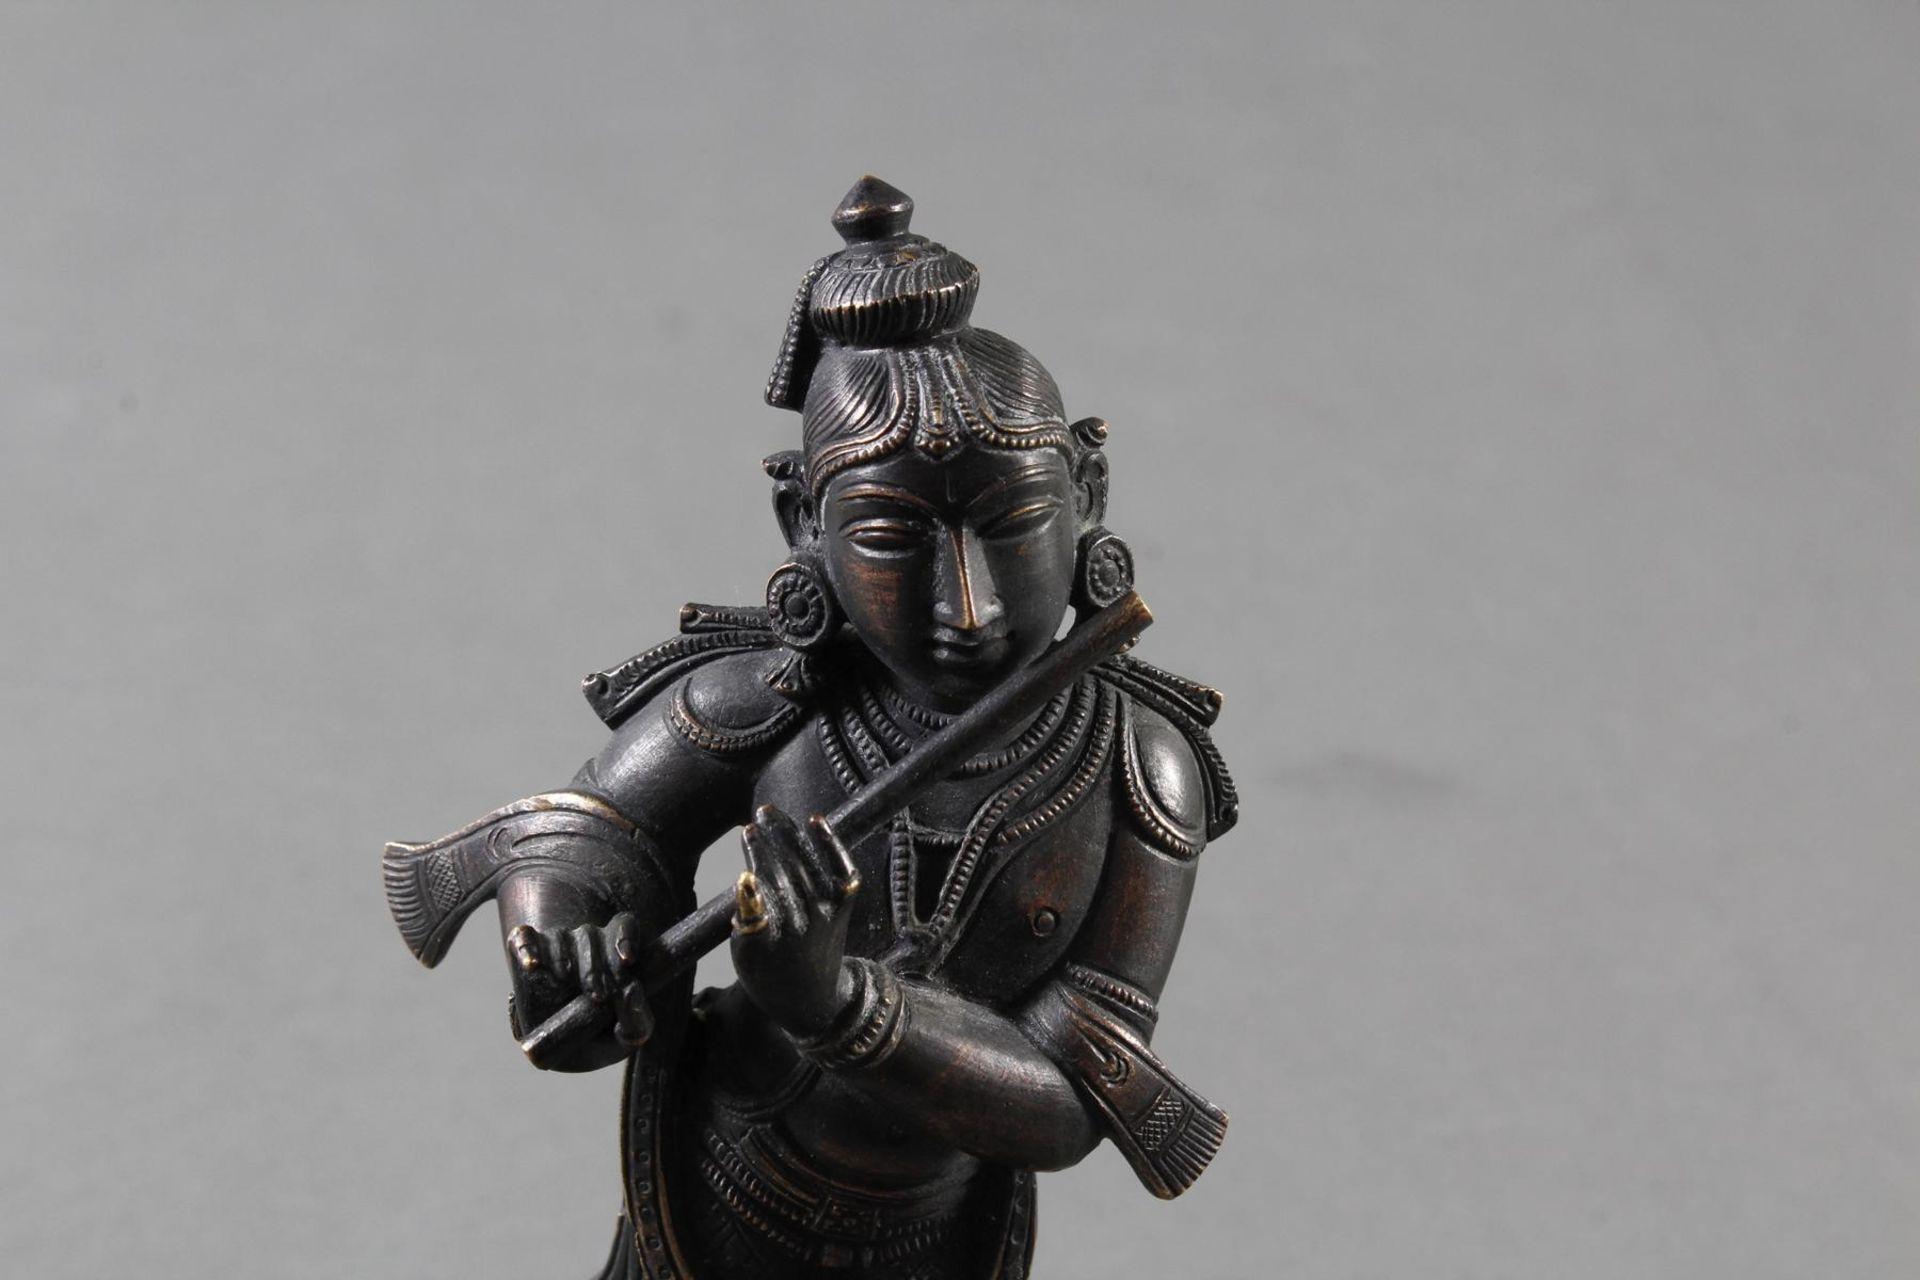 Flötespielende Göttheit auf einem Lotospodest stehend Indien 19. / 20. Jahrhundert - Bild 7 aus 8